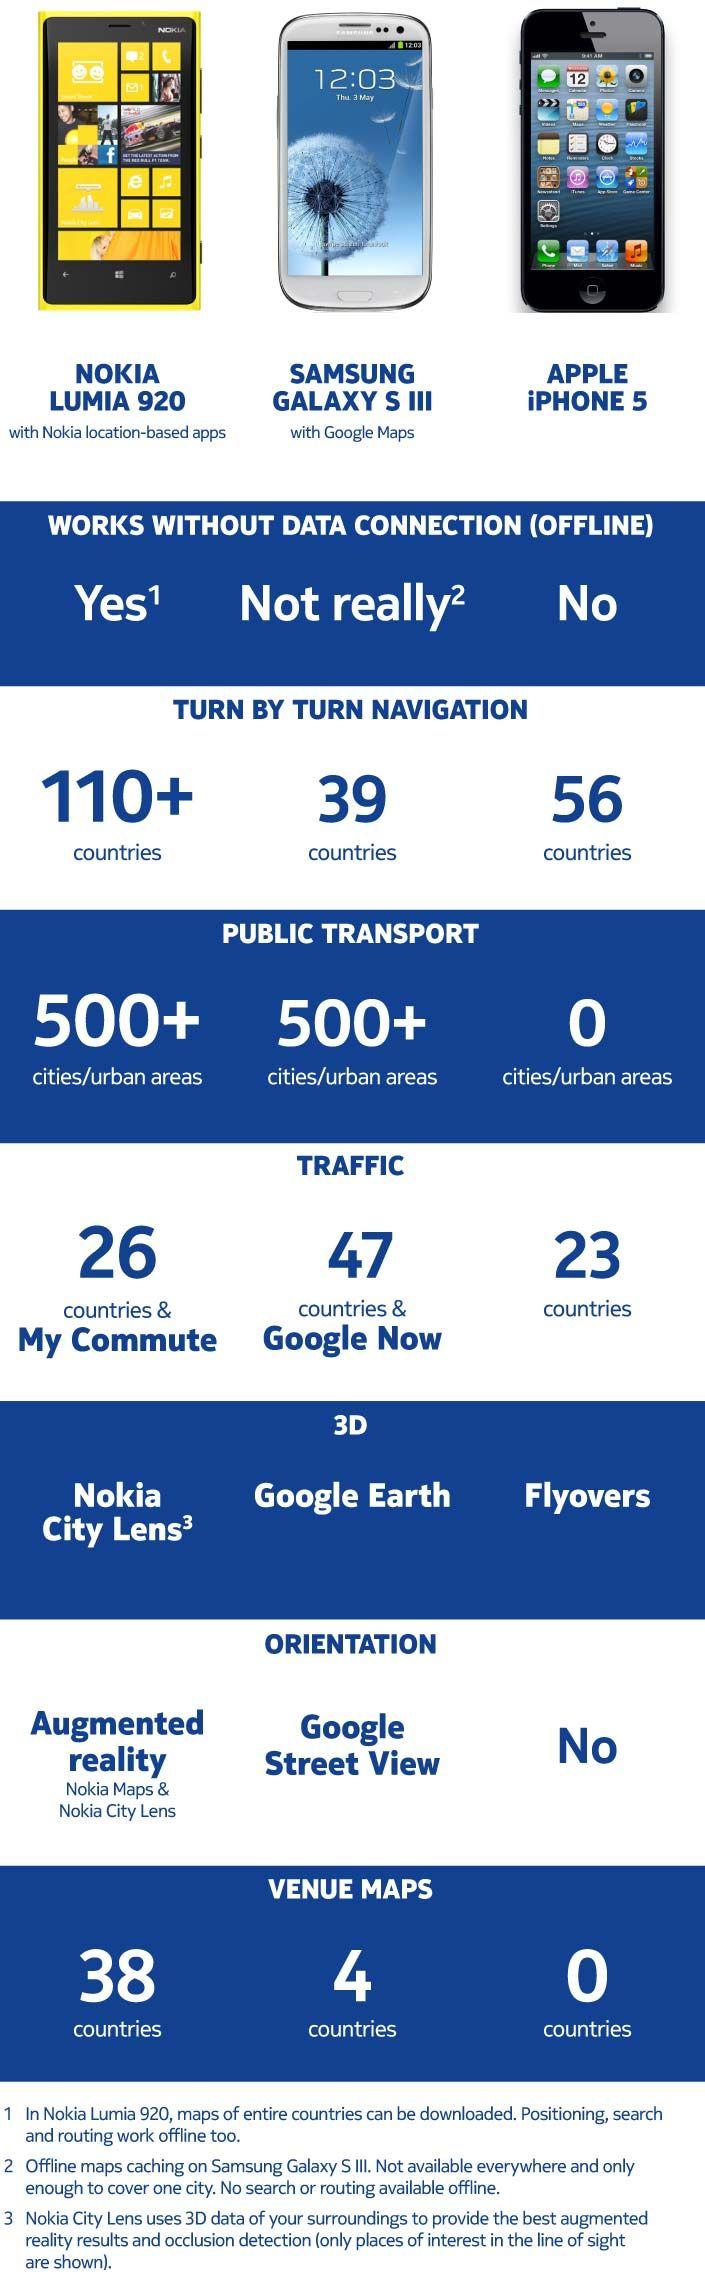 Nokia réaffirme les atouts de ses applications de cartographie - Mon Windows Phone